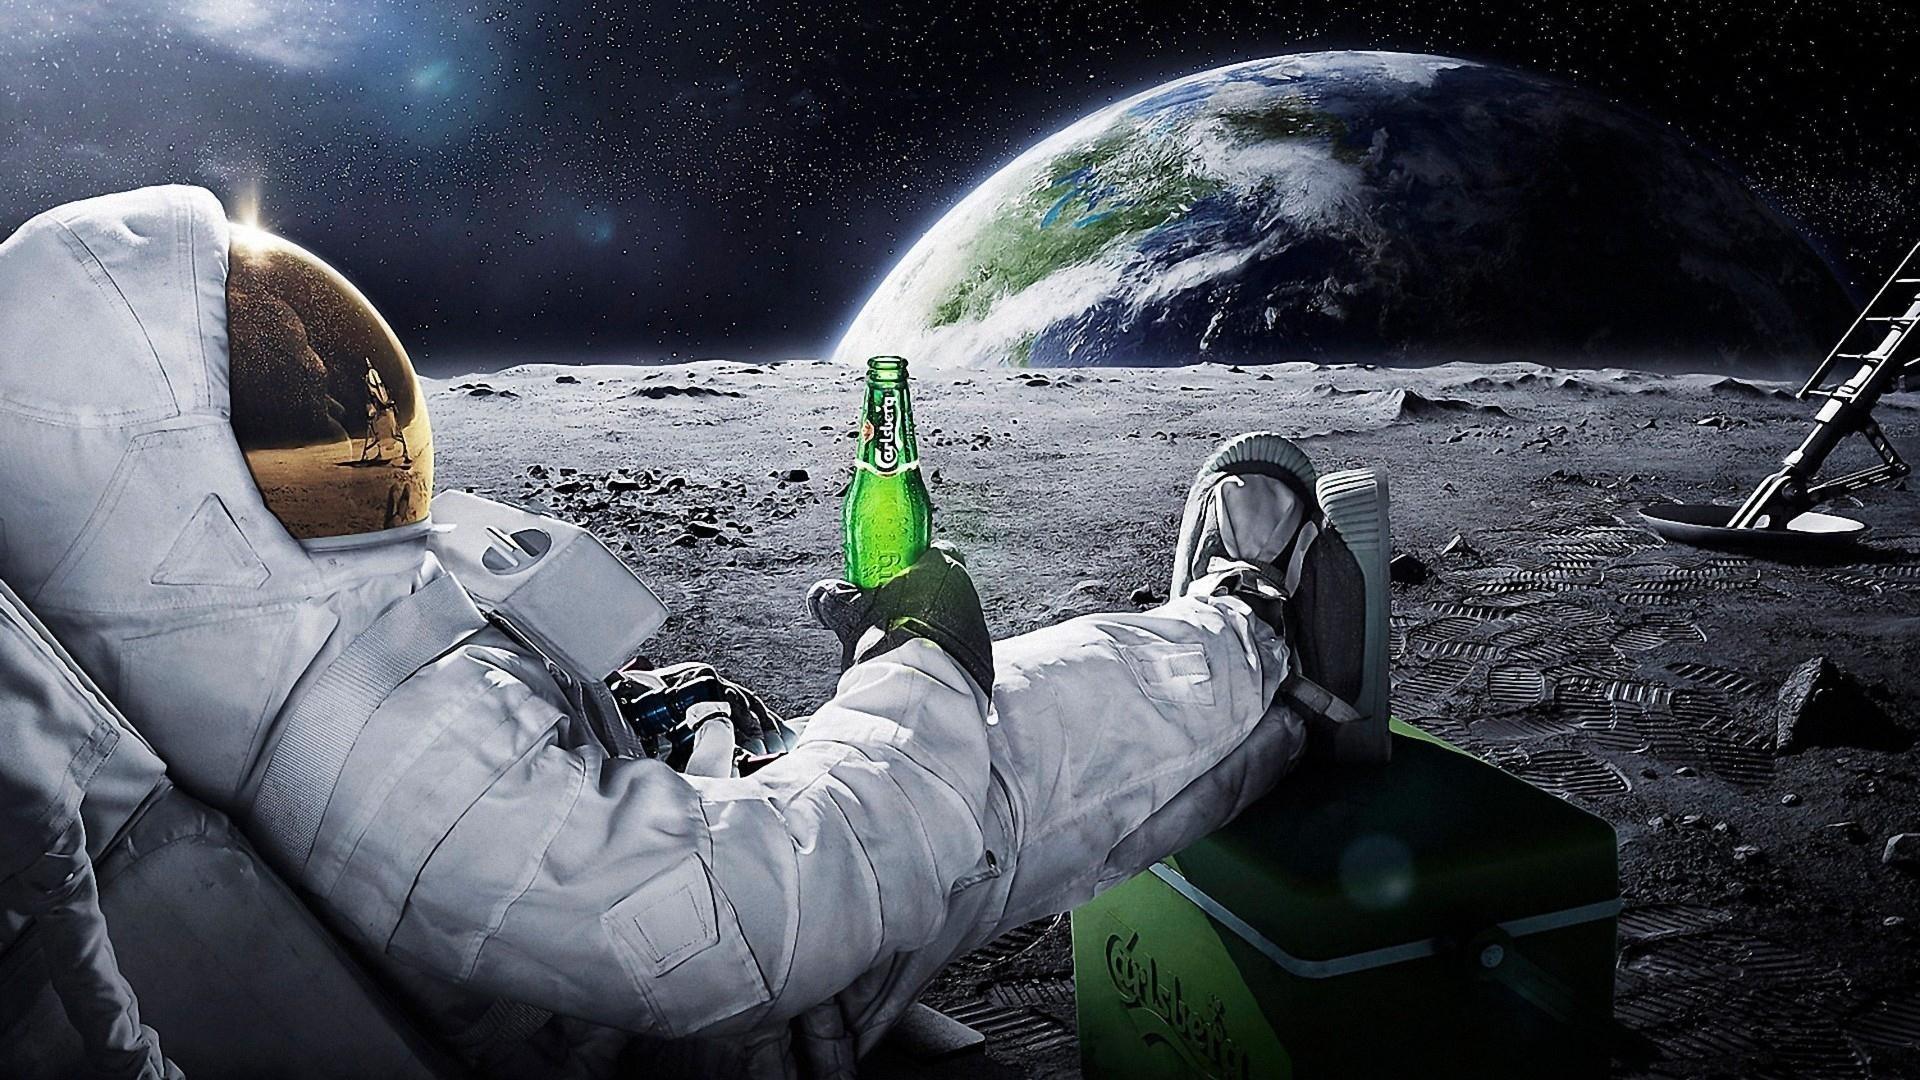 Carlsberg-Beer-in-Space-Desktop-Wallpaper.jpg